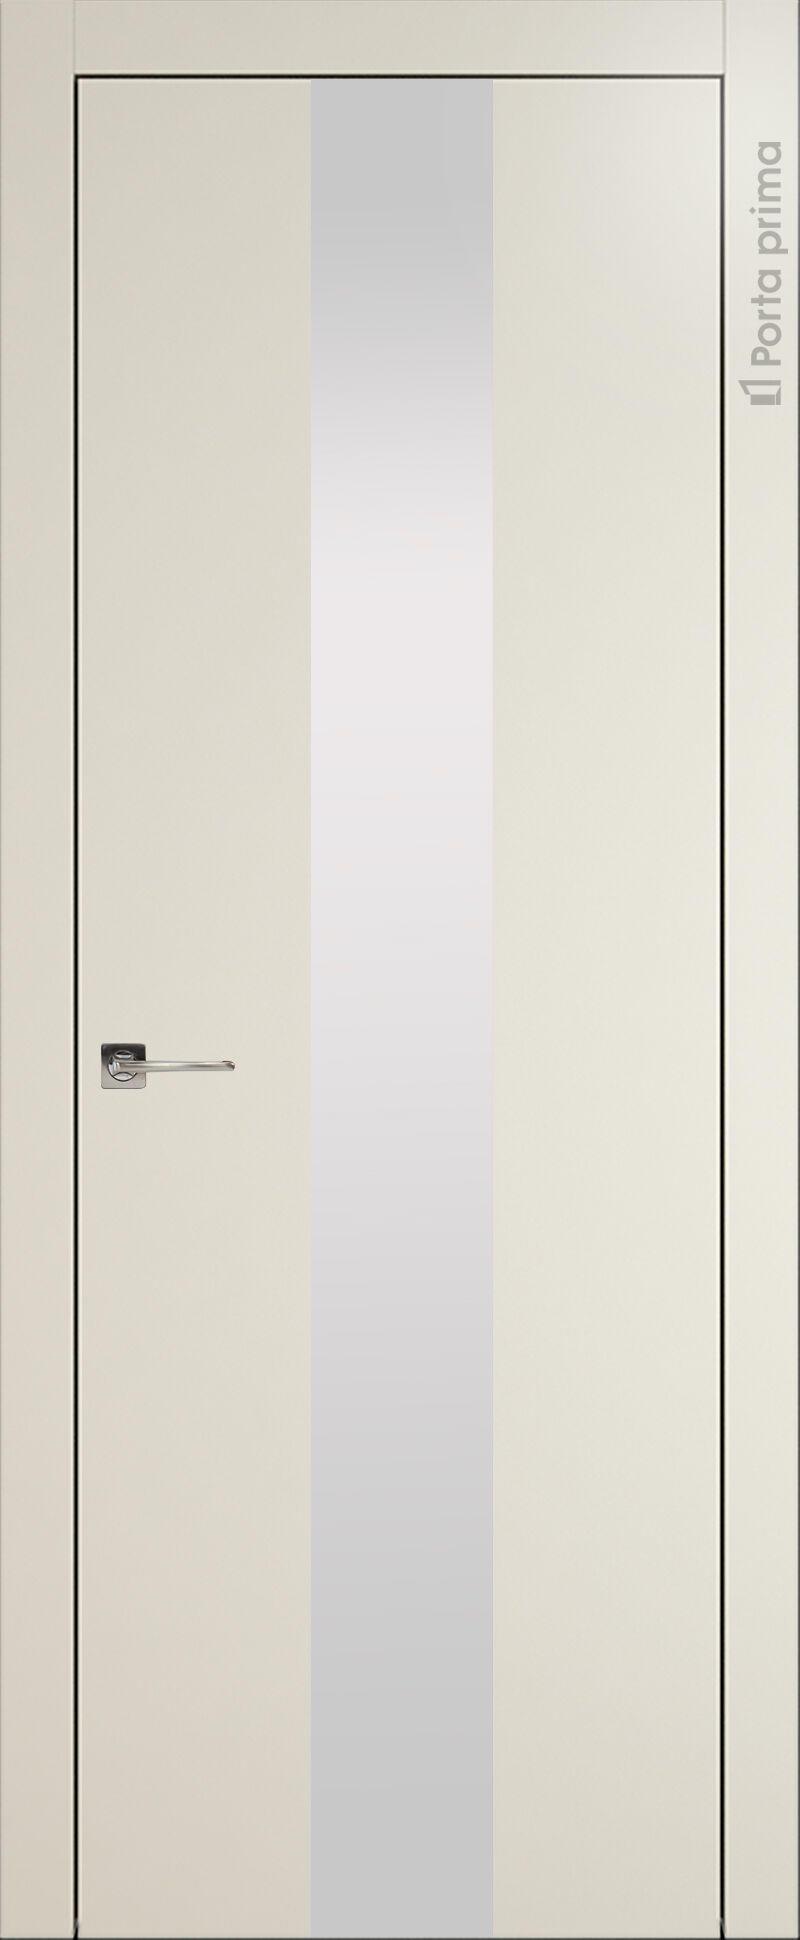 Tivoli Ж-5 цвет - Жемчужная эмаль (RAL 1013) Со стеклом (ДО)